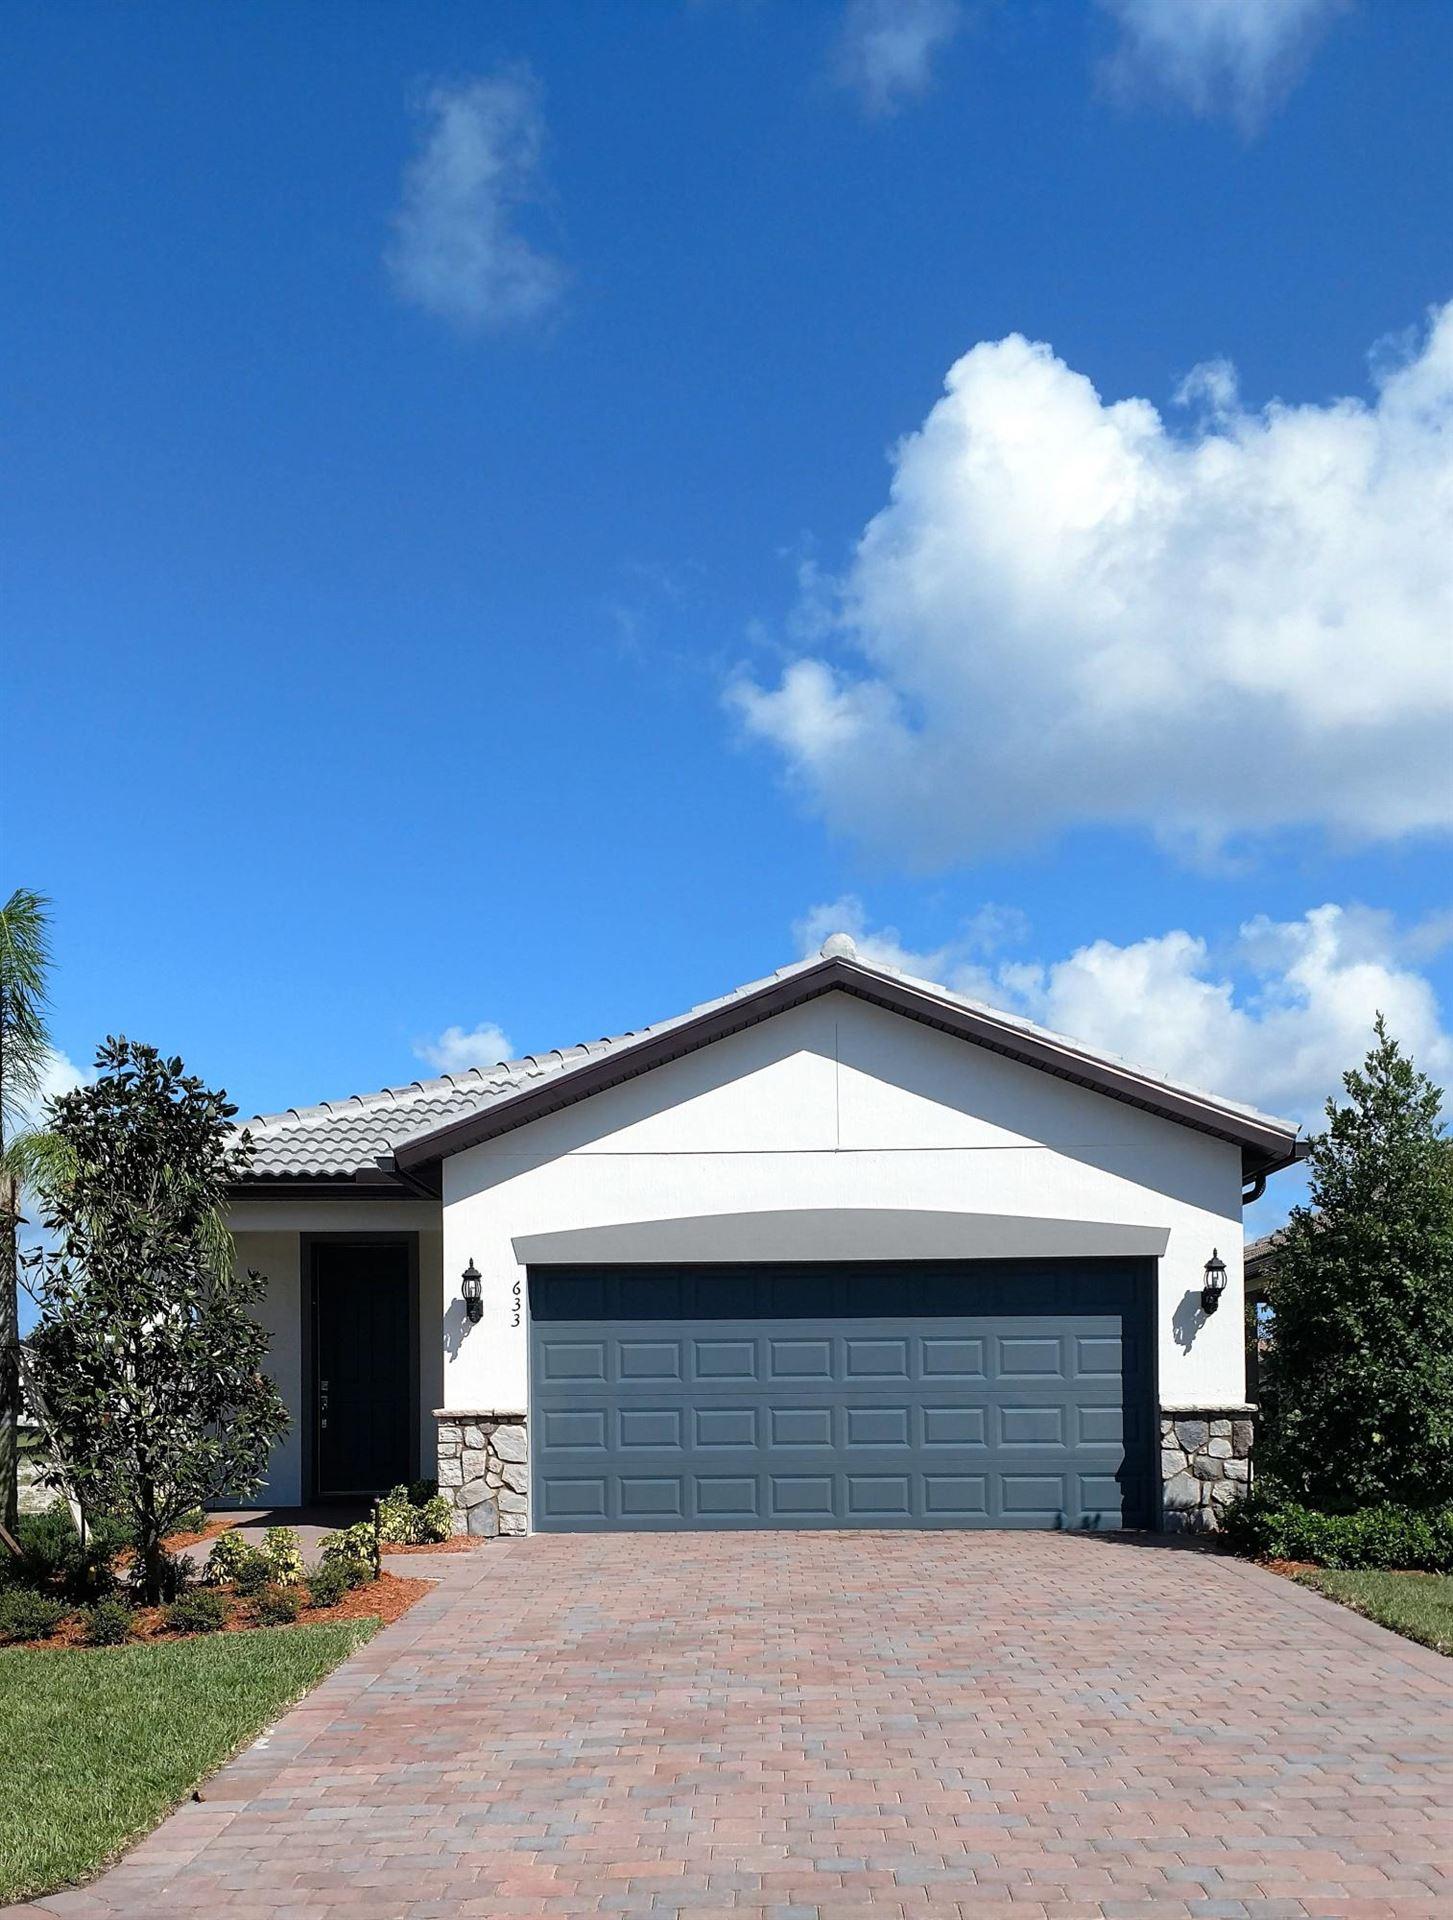 633 SE Monet Drive, Port Saint Lucie, FL 34984 - #: RX-10665169